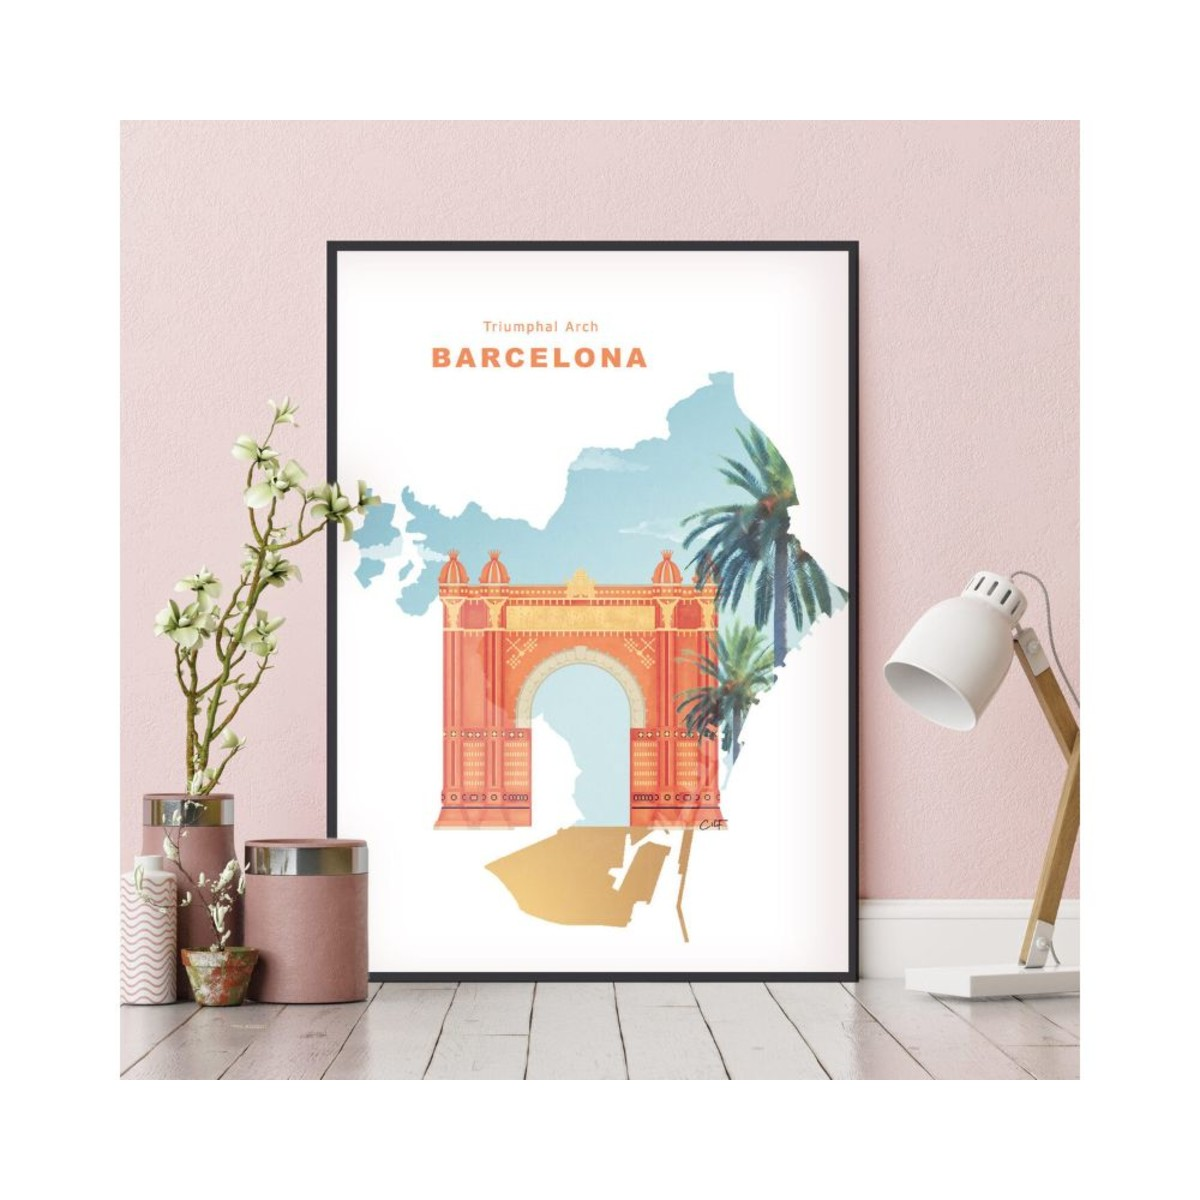 Постер в раме ПростоПостер Барселона 582394325685 40х50 см